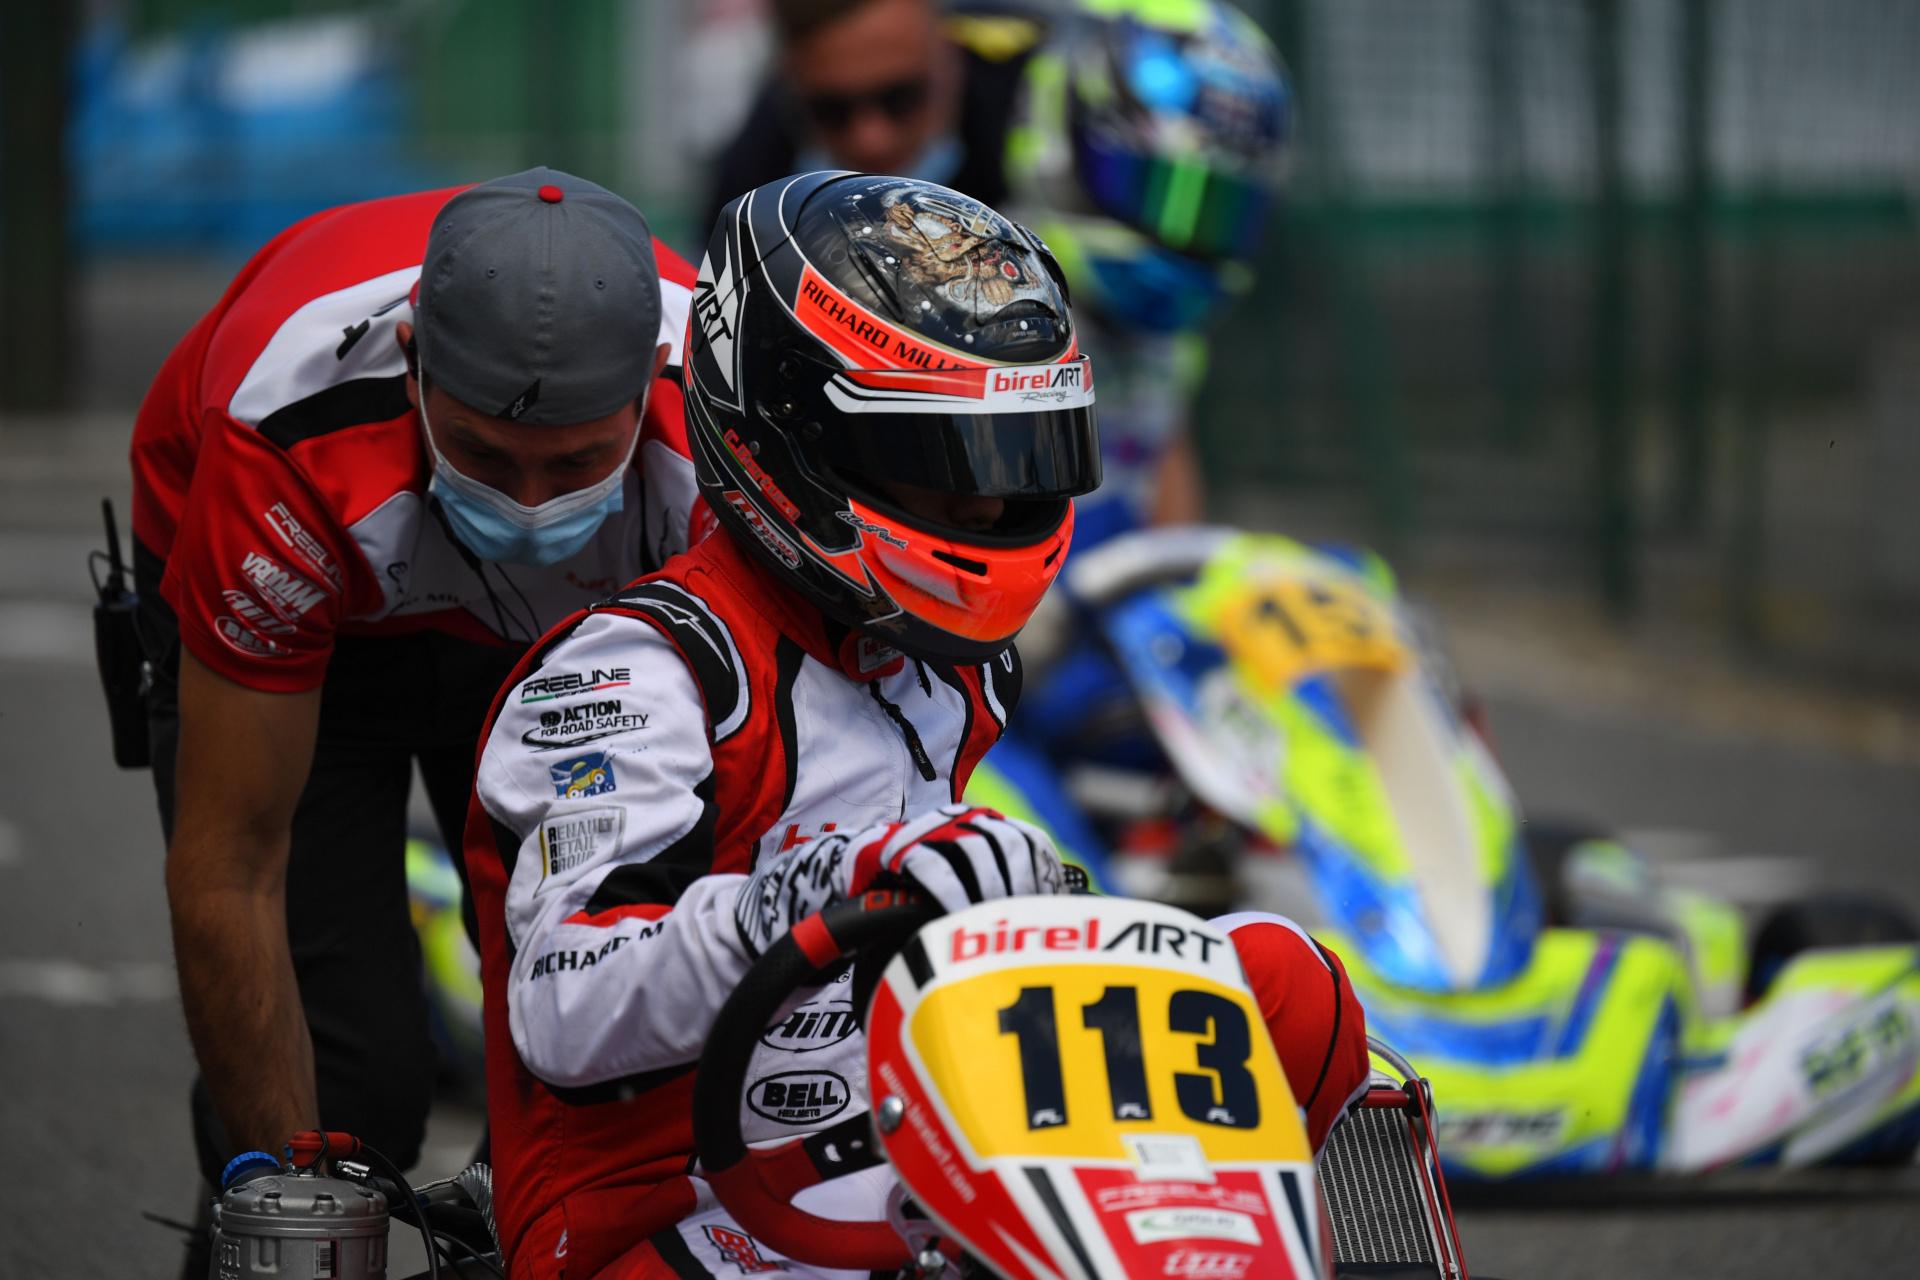 Bertuca fa tappa sul tracciato di Adria per il secondo round WSK Euro Series